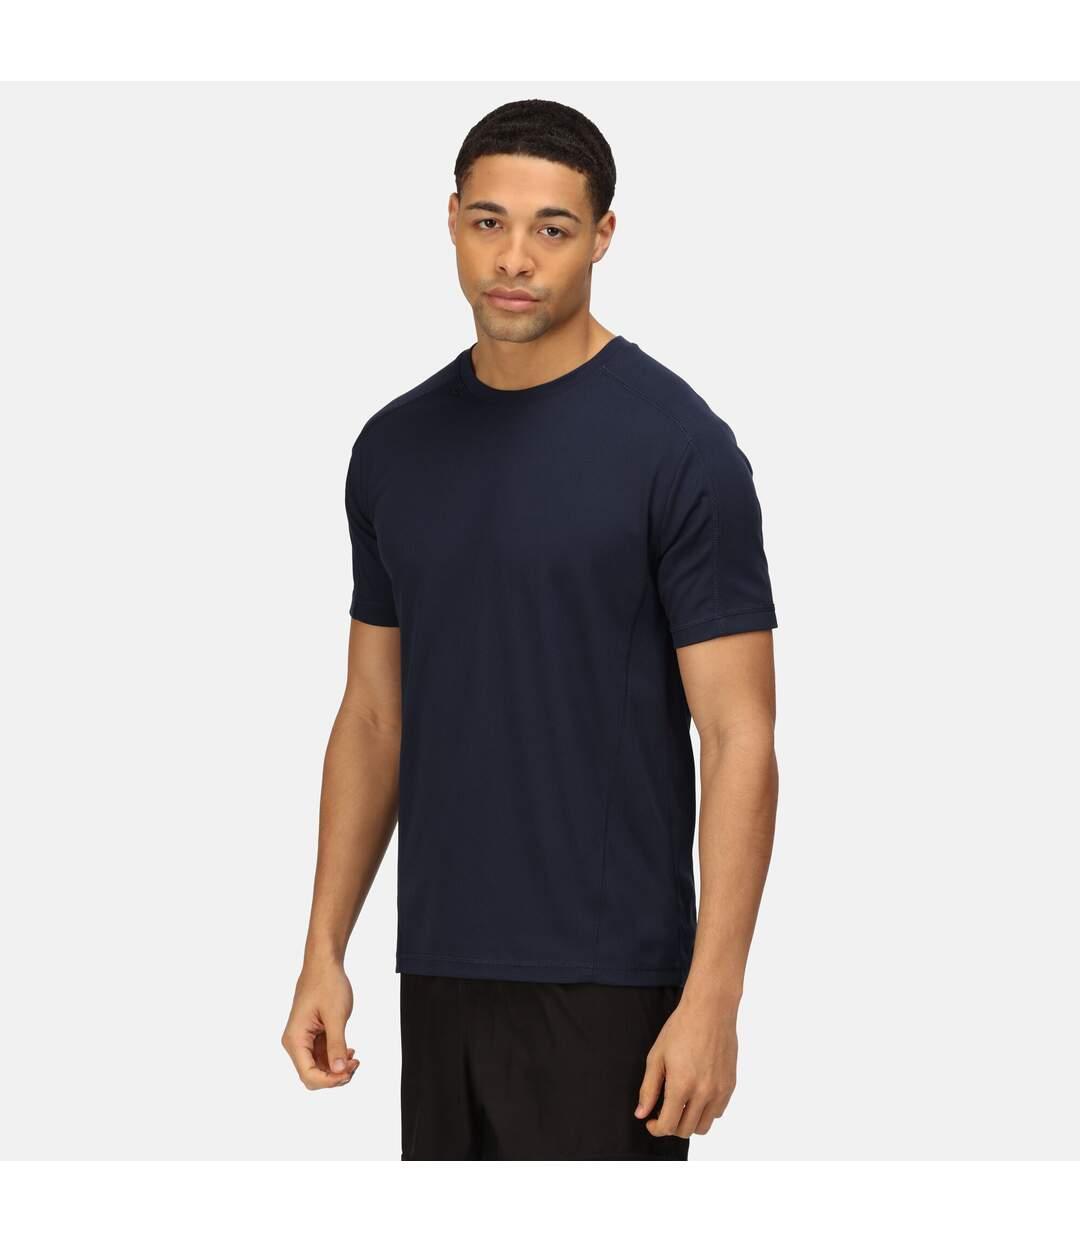 Regatta Activewear Mens Beijing Short Sleeve T-Shirt (Navy/Navy) - UTRG2489